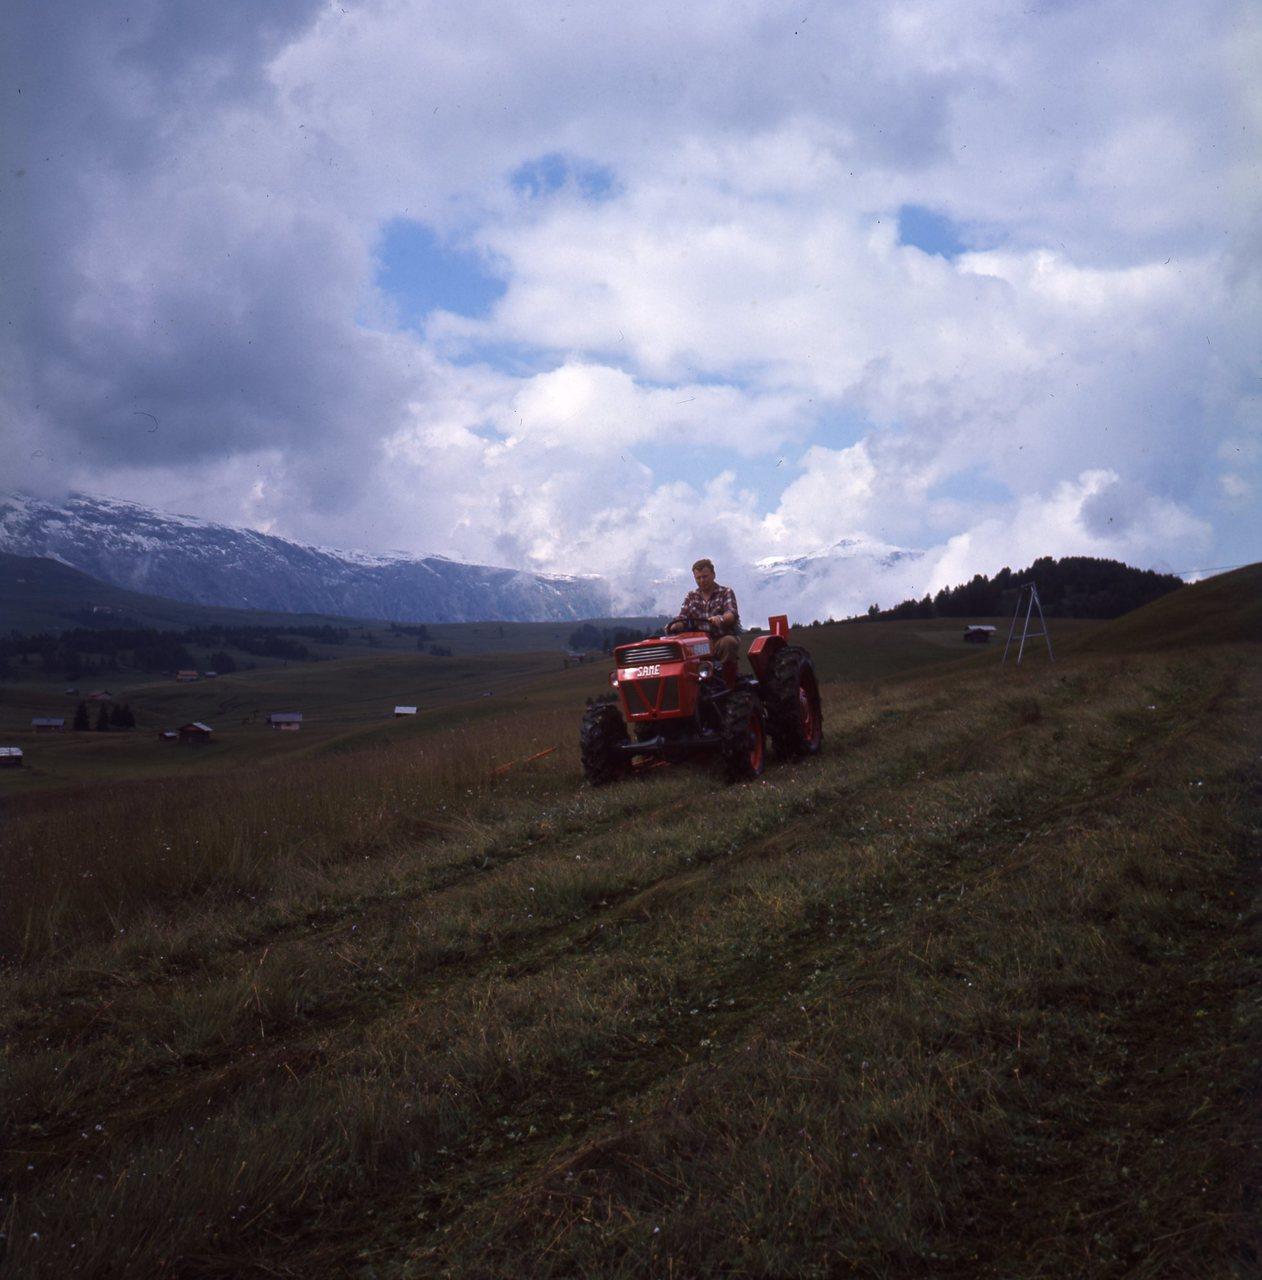 [SAME] trattore Italia in Trentino Alto Adige